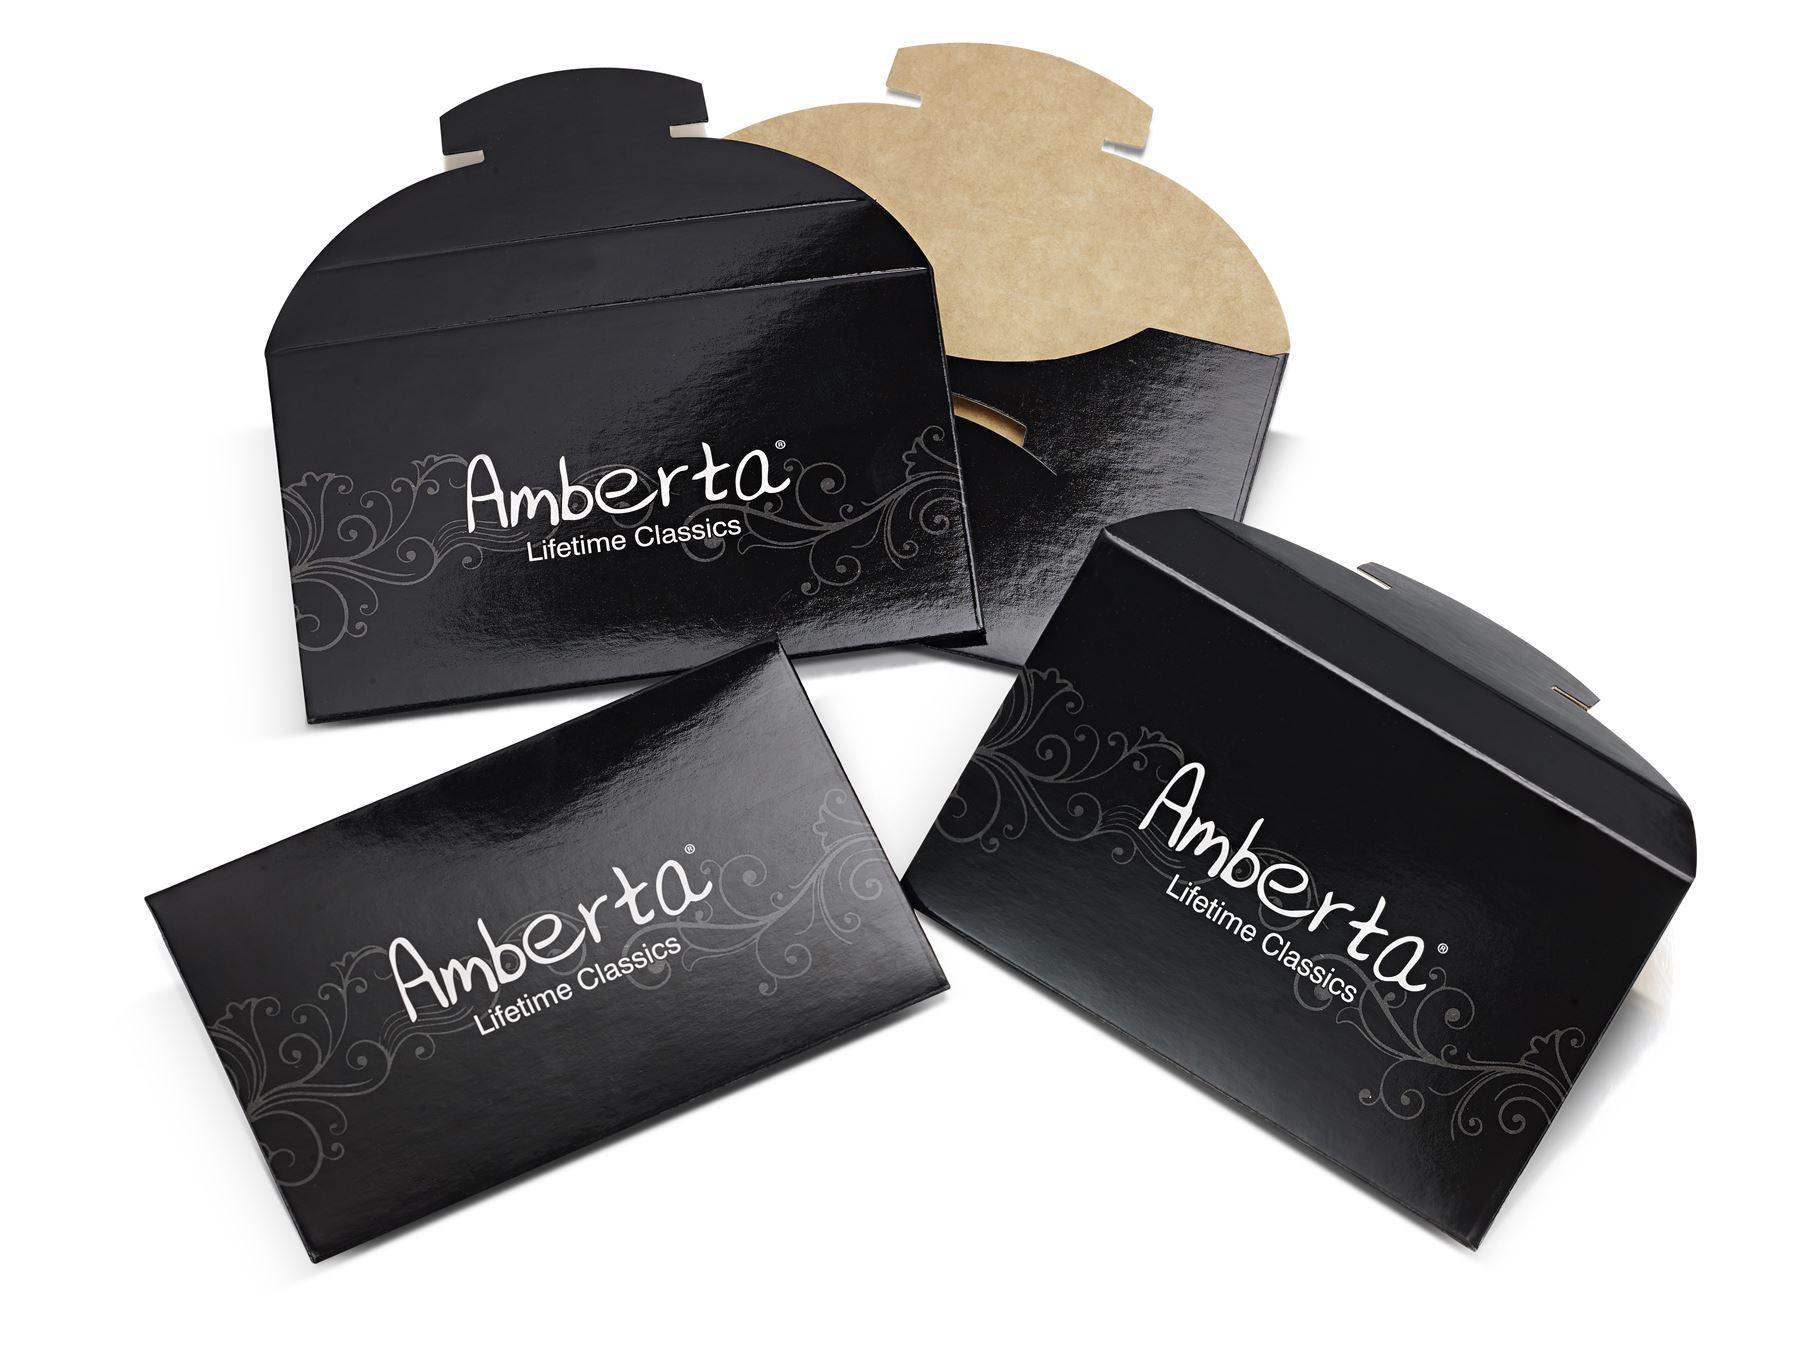 Amberta-Bijoux-Bracelet-en-Vrai-Argent-Sterling-925-Chaine-pour-Femme-a-la-Mode thumbnail 92